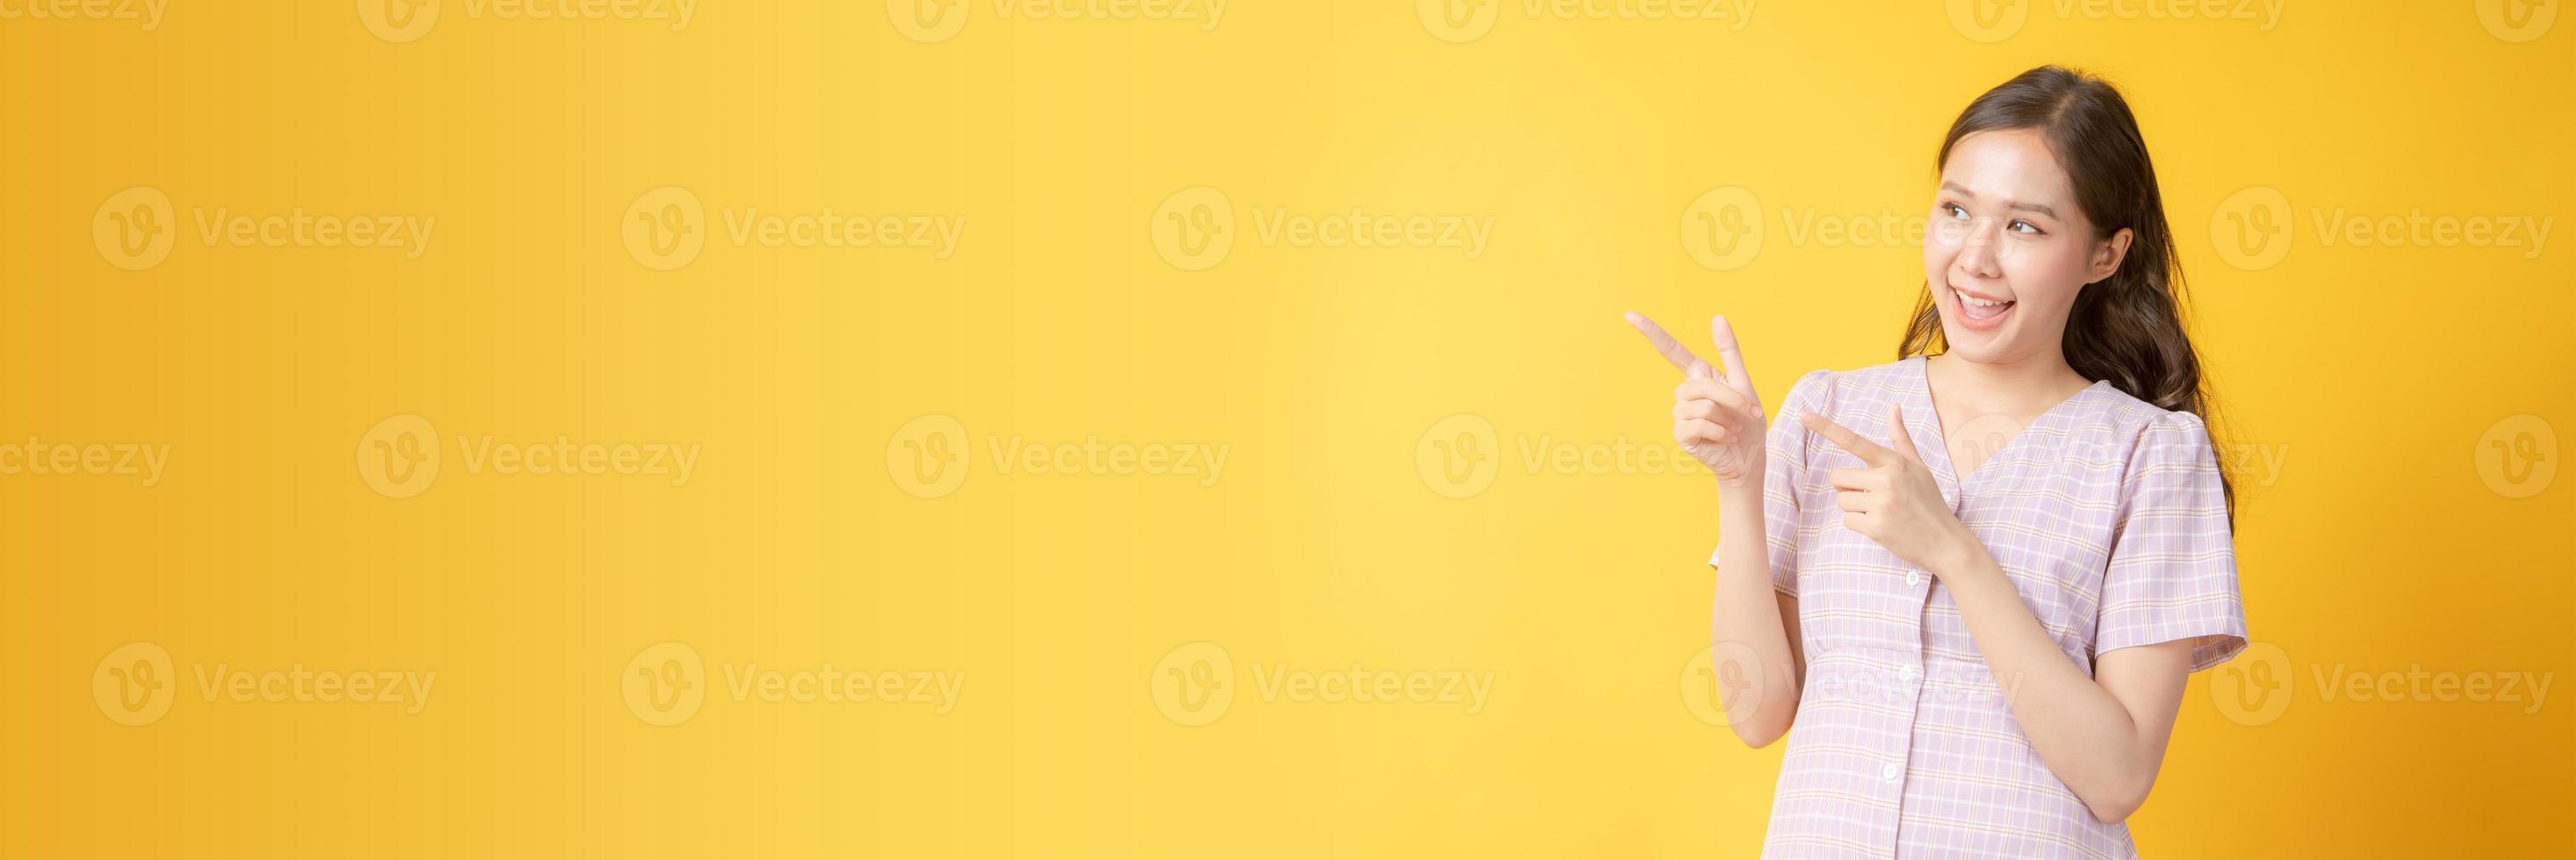 Femme asiatique souriant et faisant des gestes vers l'espace de copie sur fond jaune photo